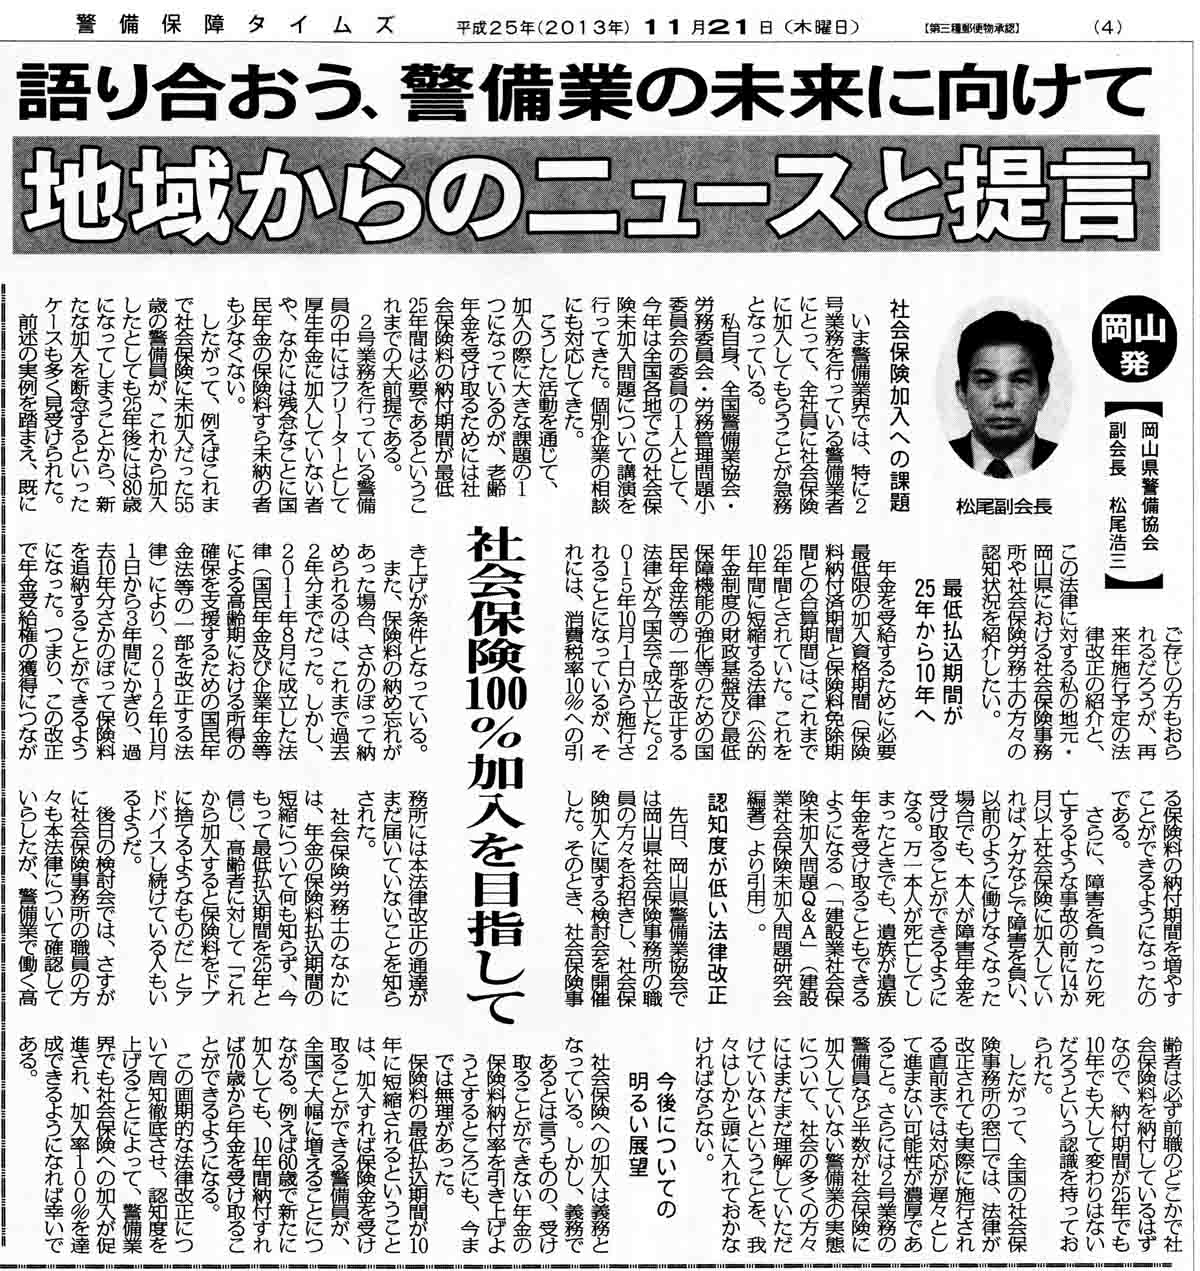 警備保障タイムス平成25年11月21日(木曜日)掲載